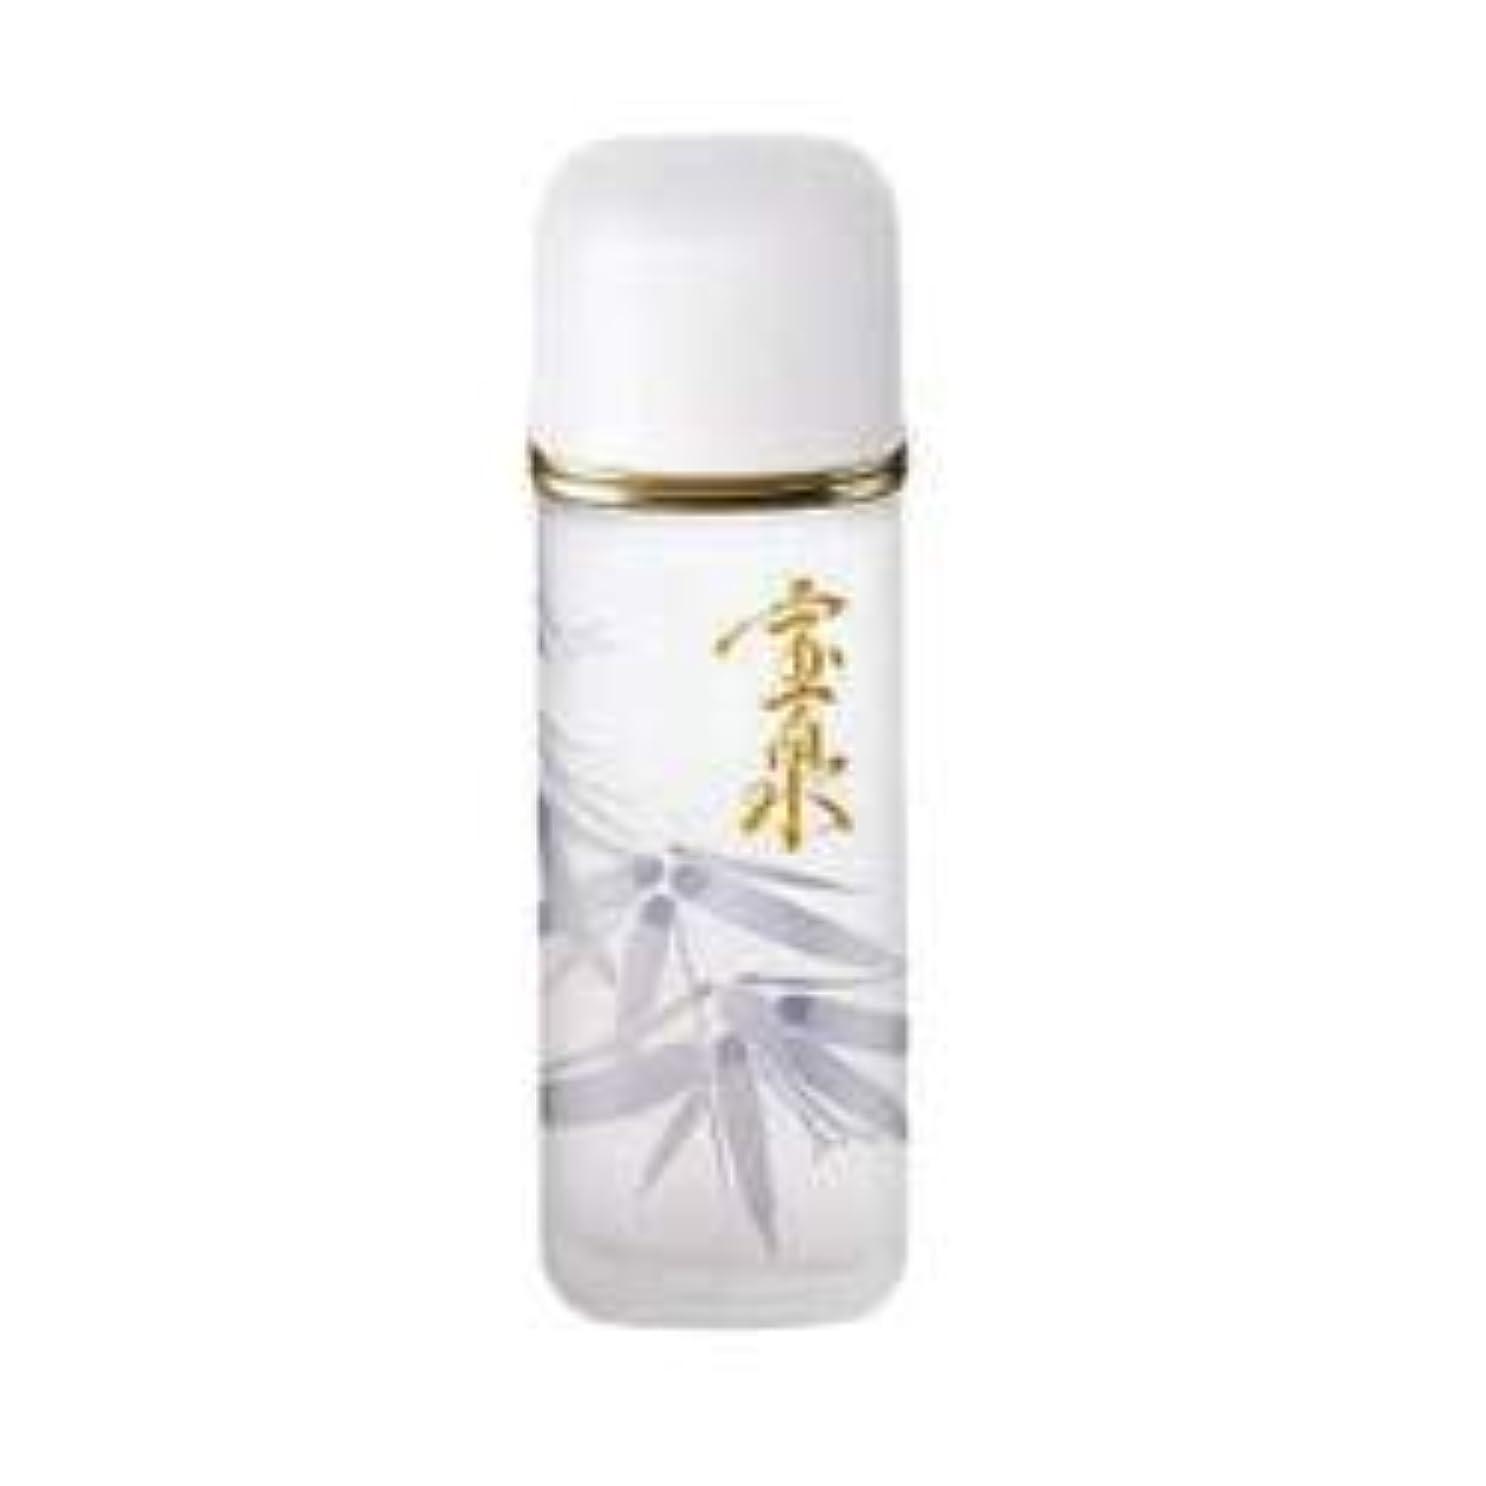 雨不透明なランドマークオッペン 薬用妙 薬用宝泉(ほうせん)<医薬部外品>(150ml)